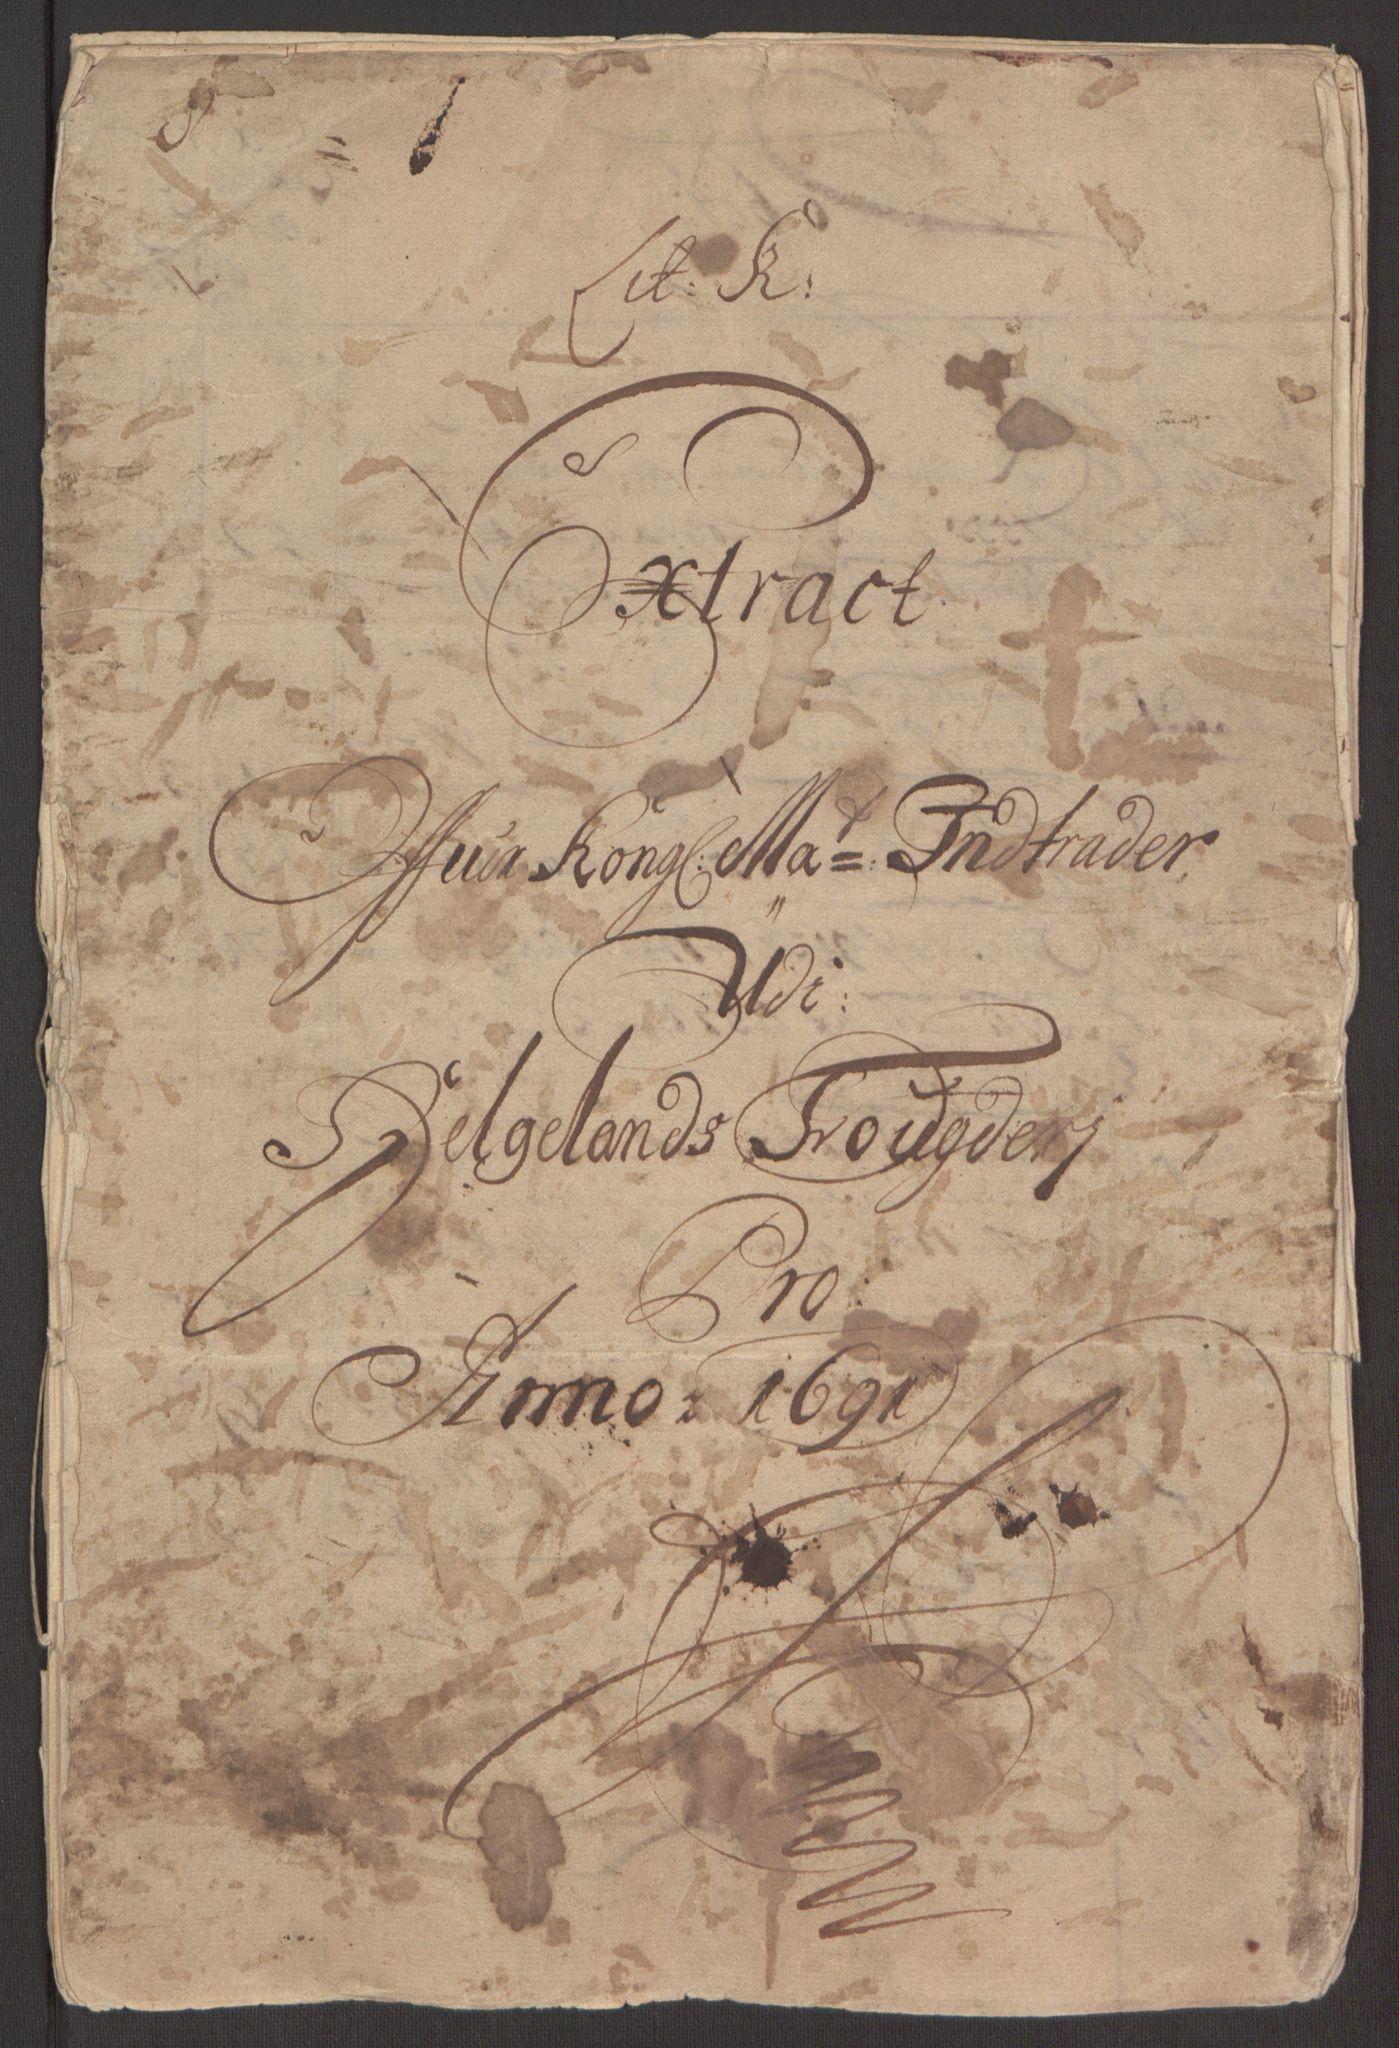 RA, Rentekammeret inntil 1814, Reviderte regnskaper, Fogderegnskap, R65/L4504: Fogderegnskap Helgeland, 1691-1692, s. 3